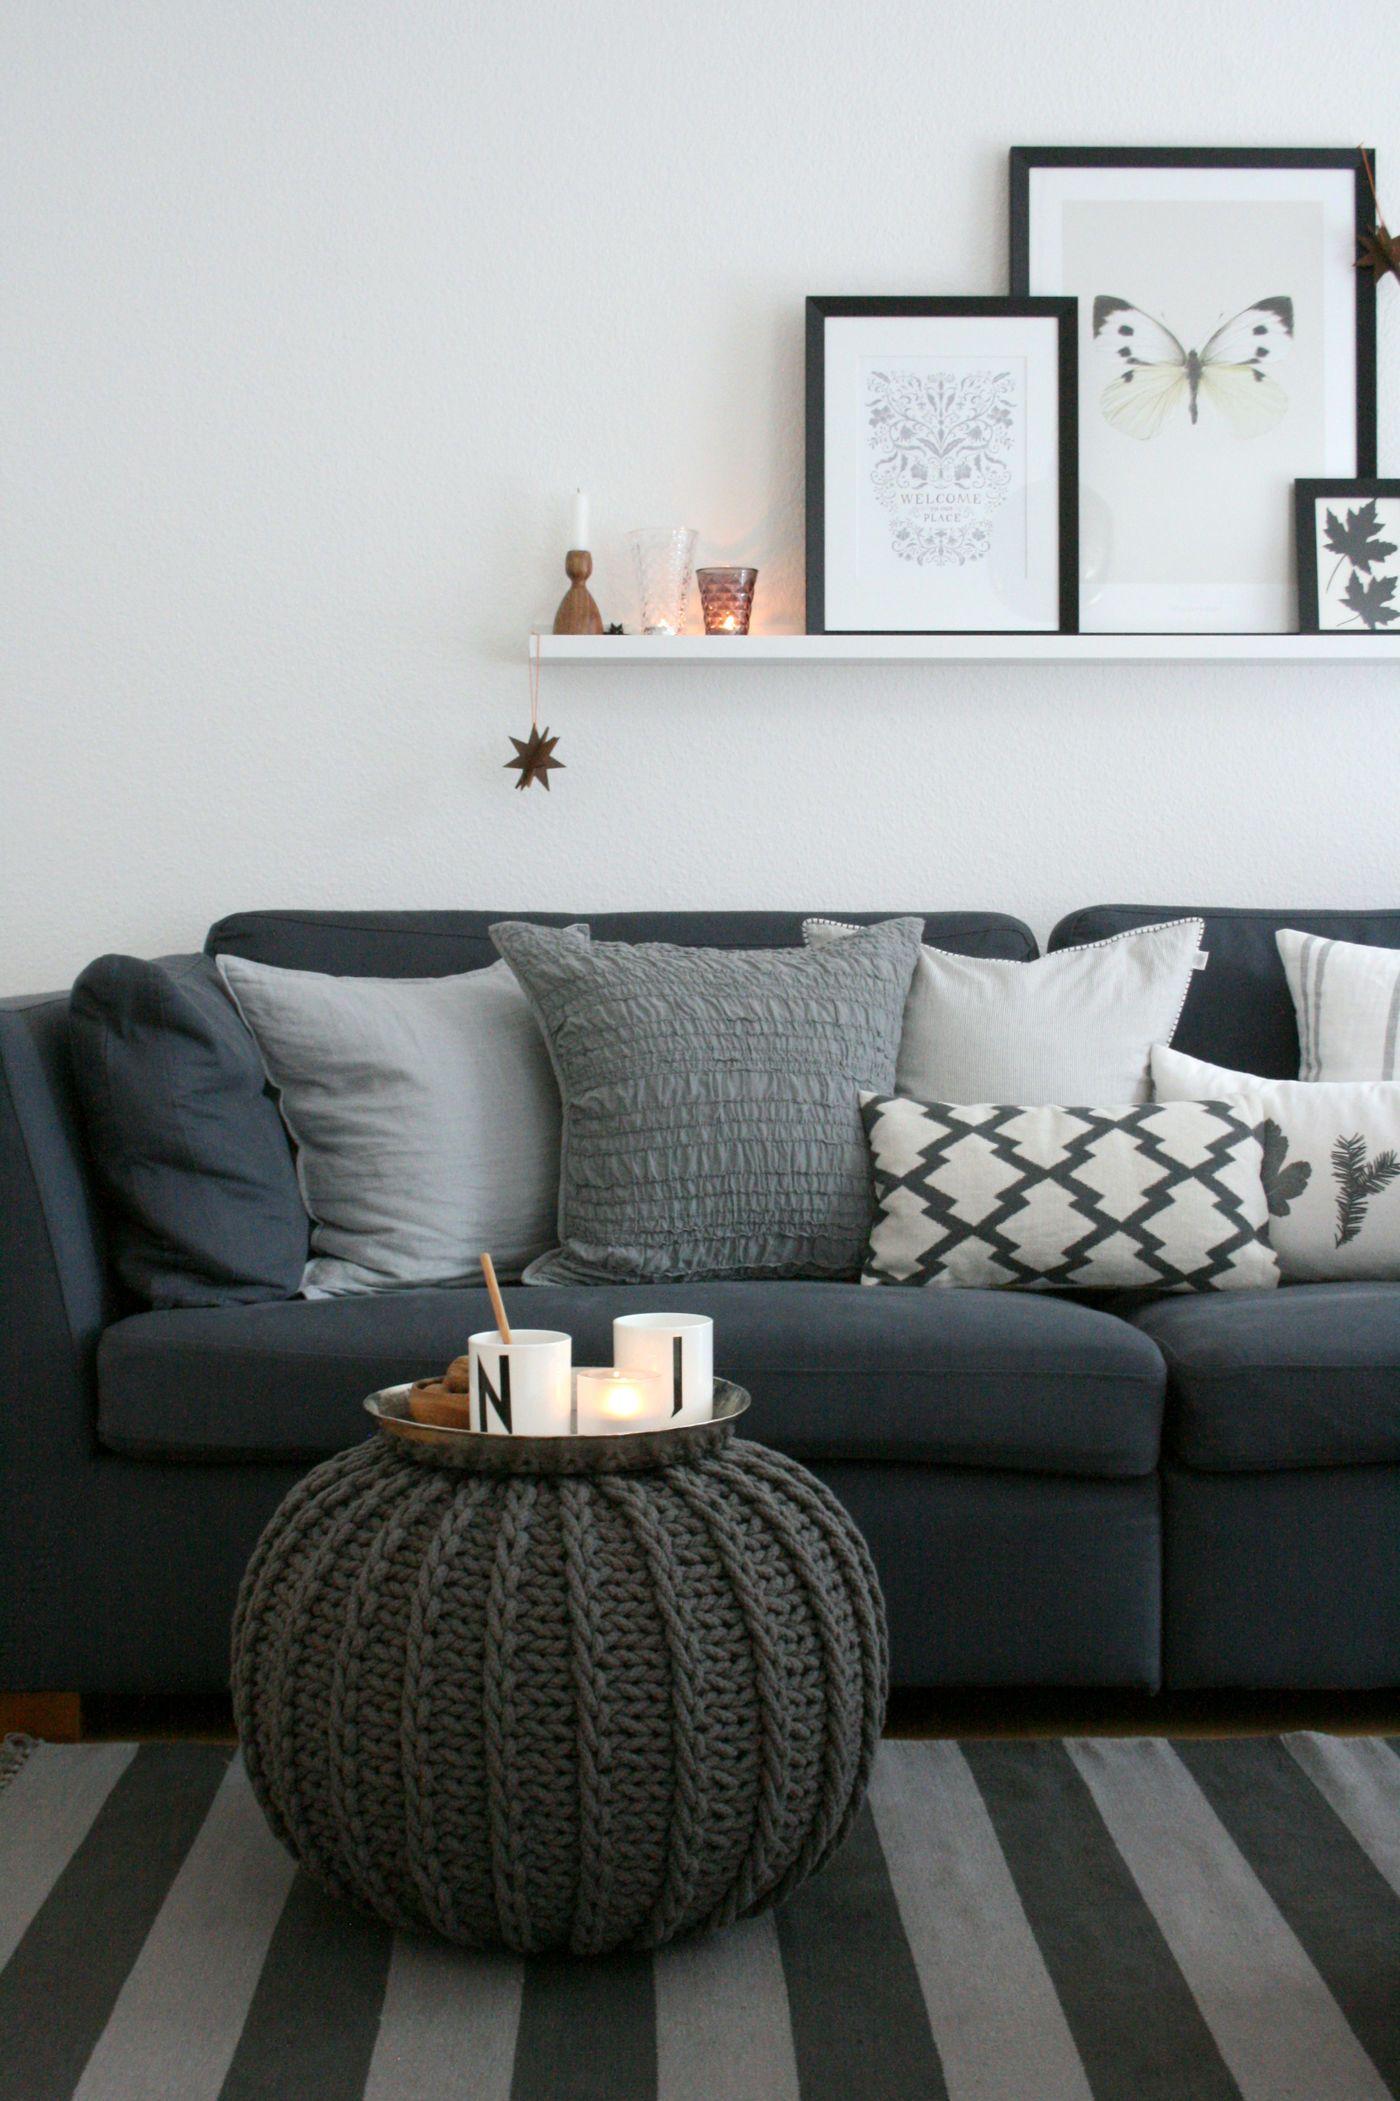 Full Size of Graues Sofa Bunte Kissen 2er Ikea Passende Wandfarbe Graue Couch Kleines Rosa Wohnzimmer Welche Farbe Weisser Teppich Kissenfarbe Kombinieren Sofas Ideen Fr Sofa Graues Sofa